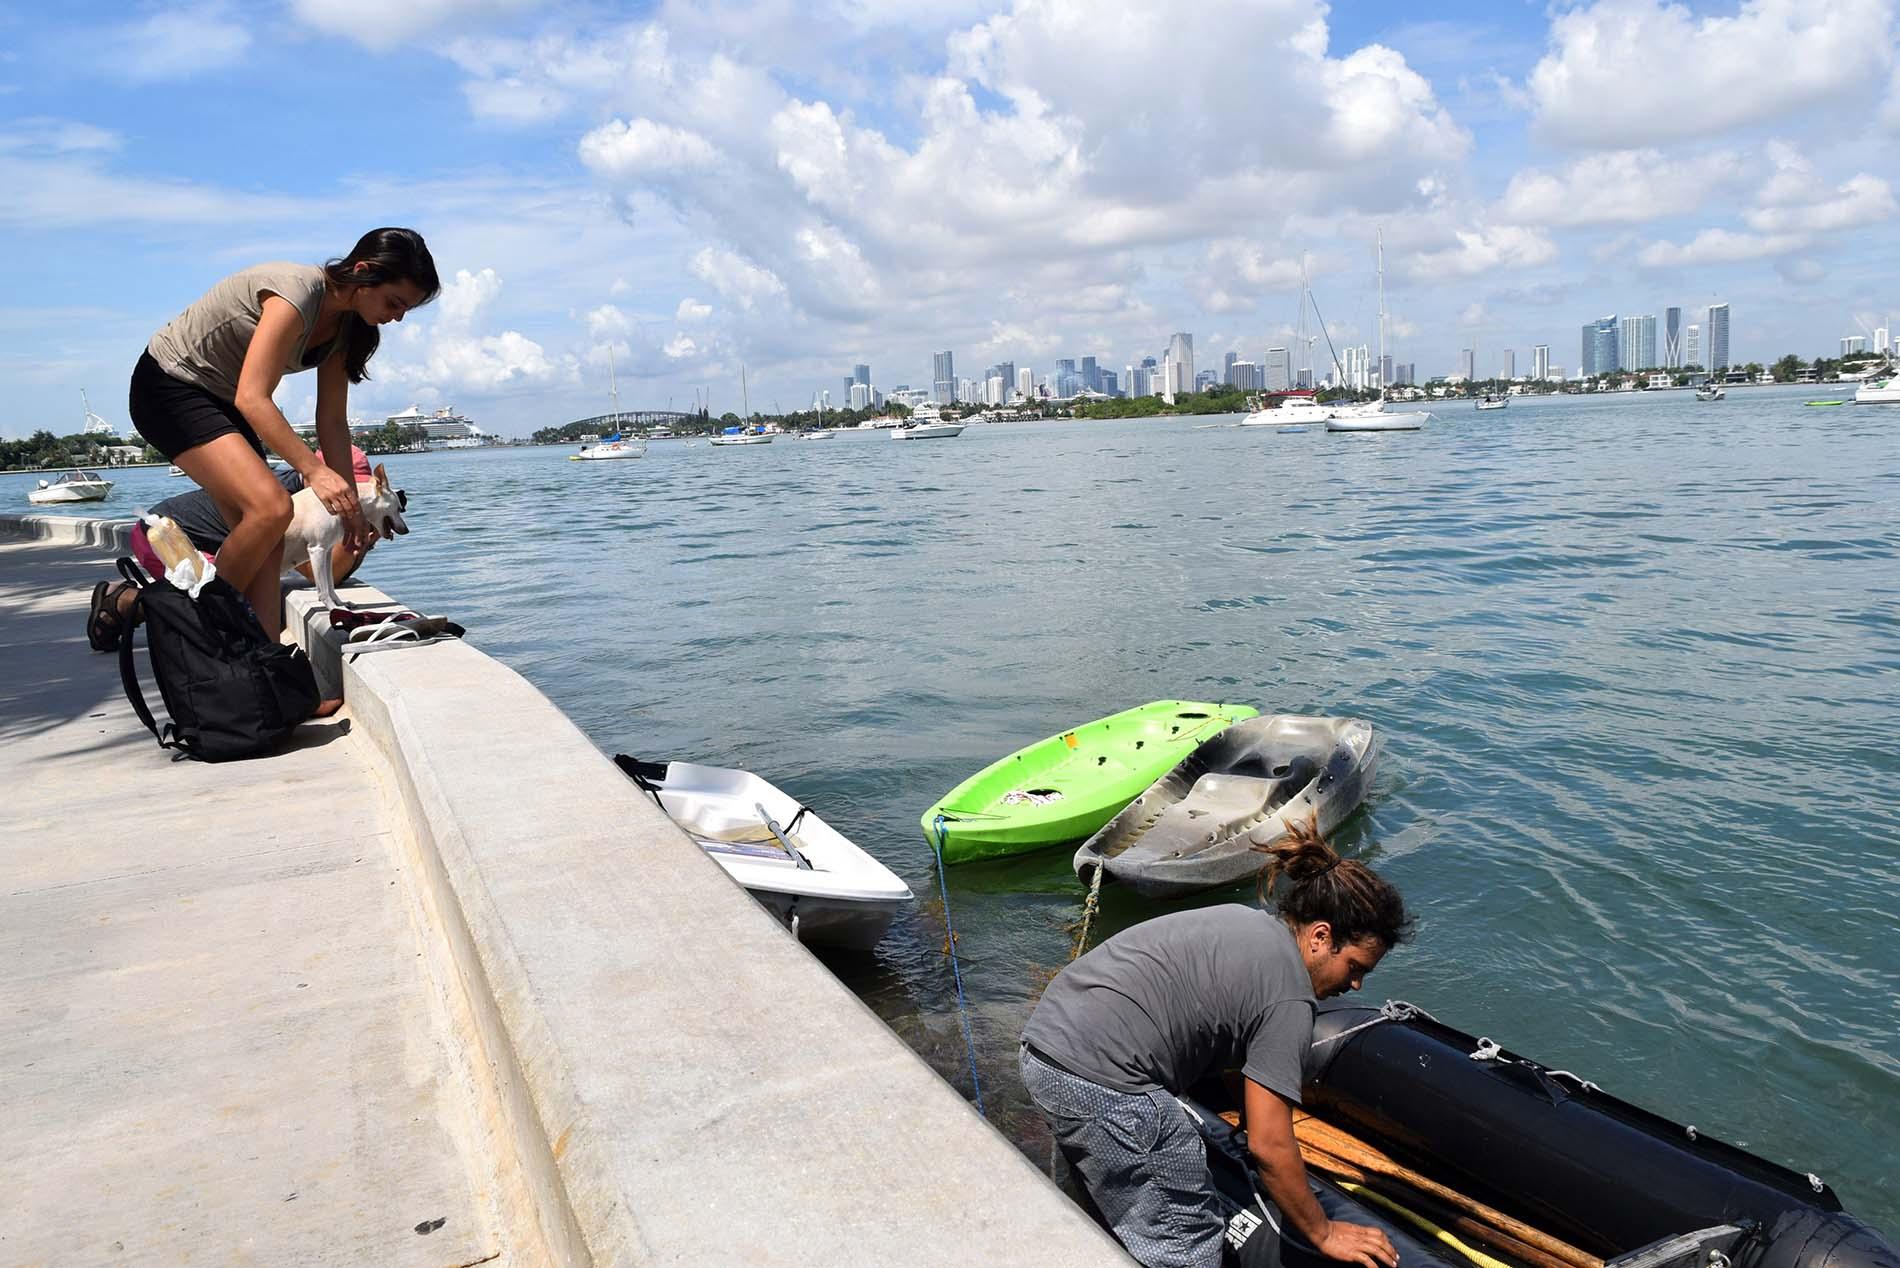 La española Lara Gandía y el cubano David Berenguer, acompañados de su perra Lila en la Bahía Vizcaína de Miami, Florida. Foto: Jorge Ignacio Pérez / EFE.